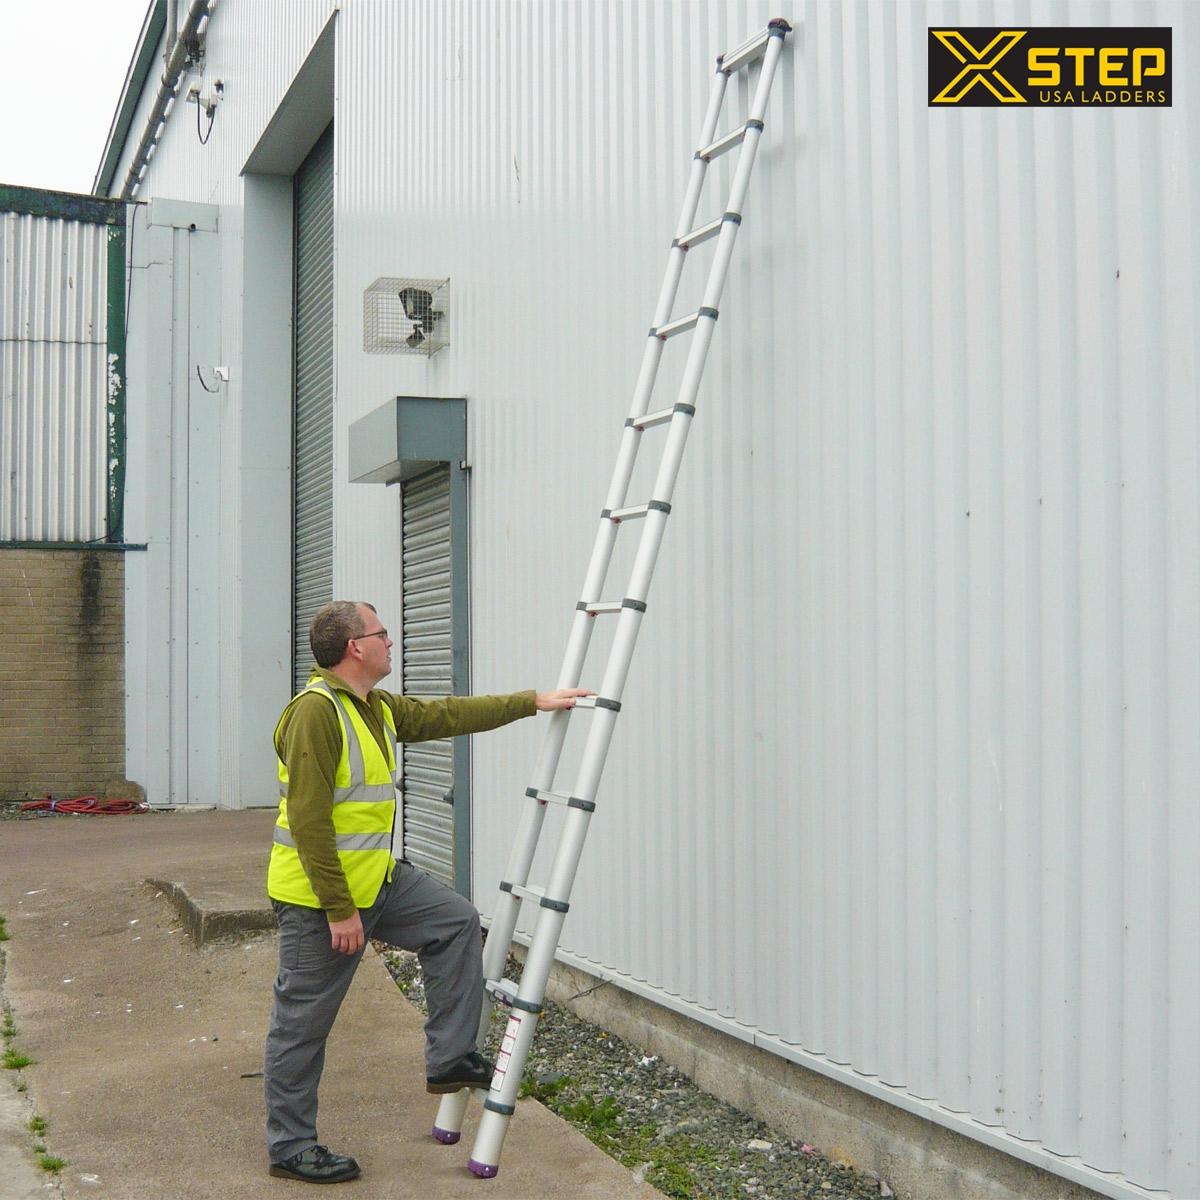 Sử dụng thang nhôm rút đơn Xstep đúng cách khi mới dùng lần đầu